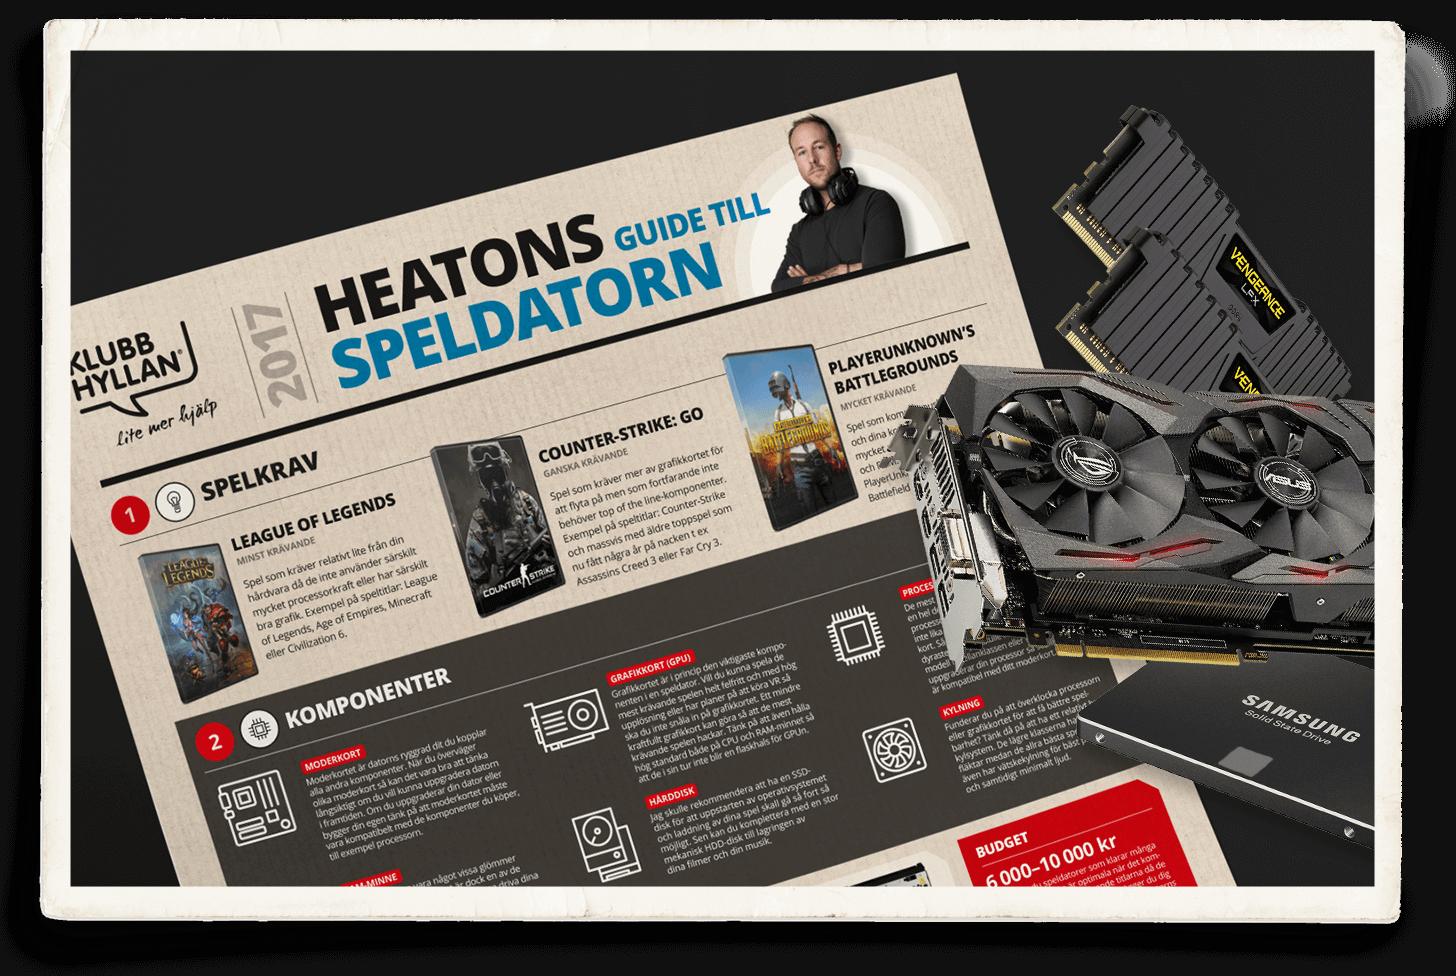 HeatoNs kompletta guide till speldatorn